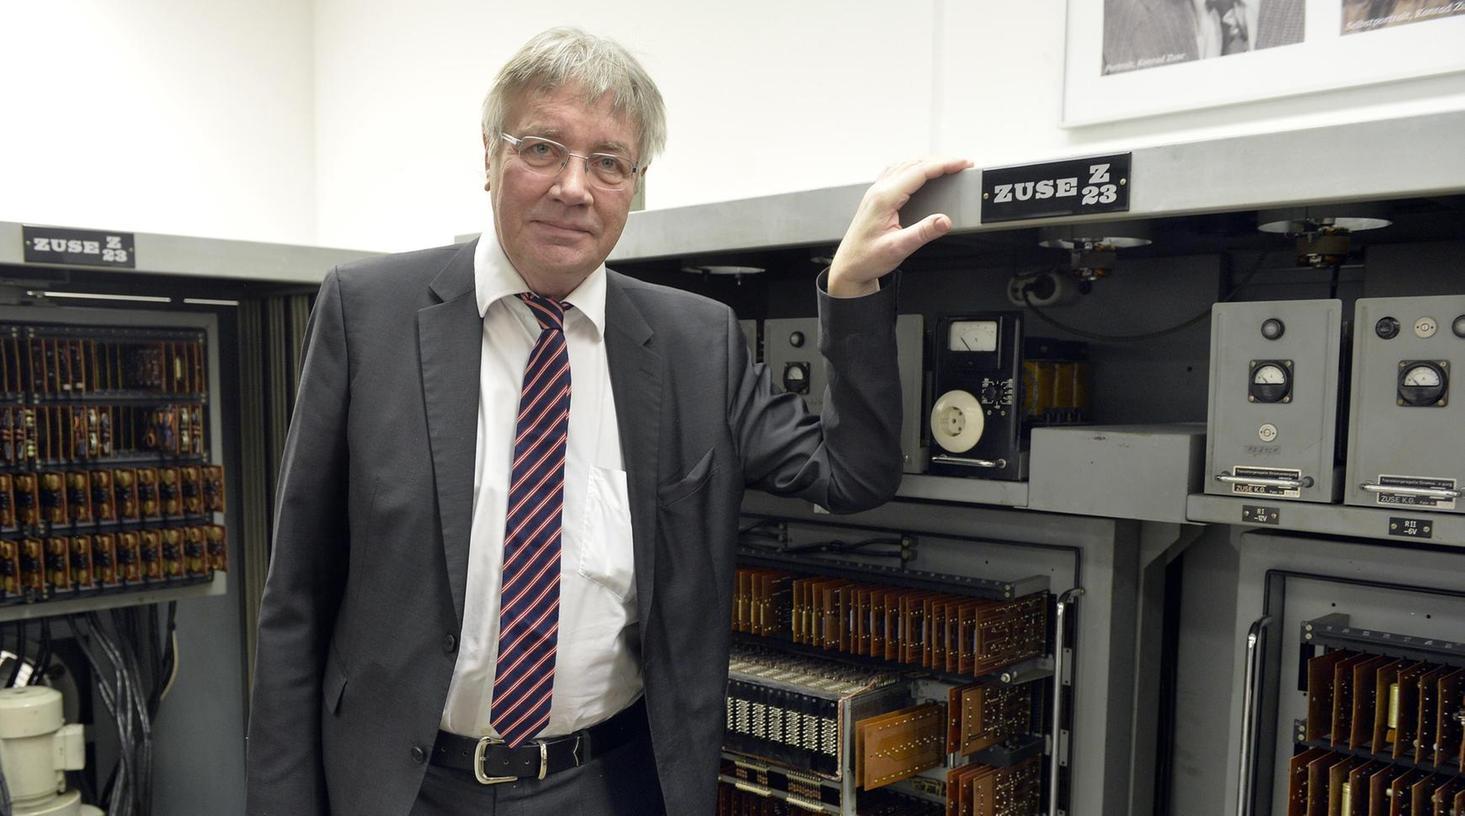 """Die """"Zuse Z23"""" läuft wieder: Zur Inbetriebnahme der berühmten Rechenmaschine kam der Informatikprofessor Horst Zuse, Sohn von Computerpionier Konrad Zuse, an die Universität Erlangen-Nürnberg."""